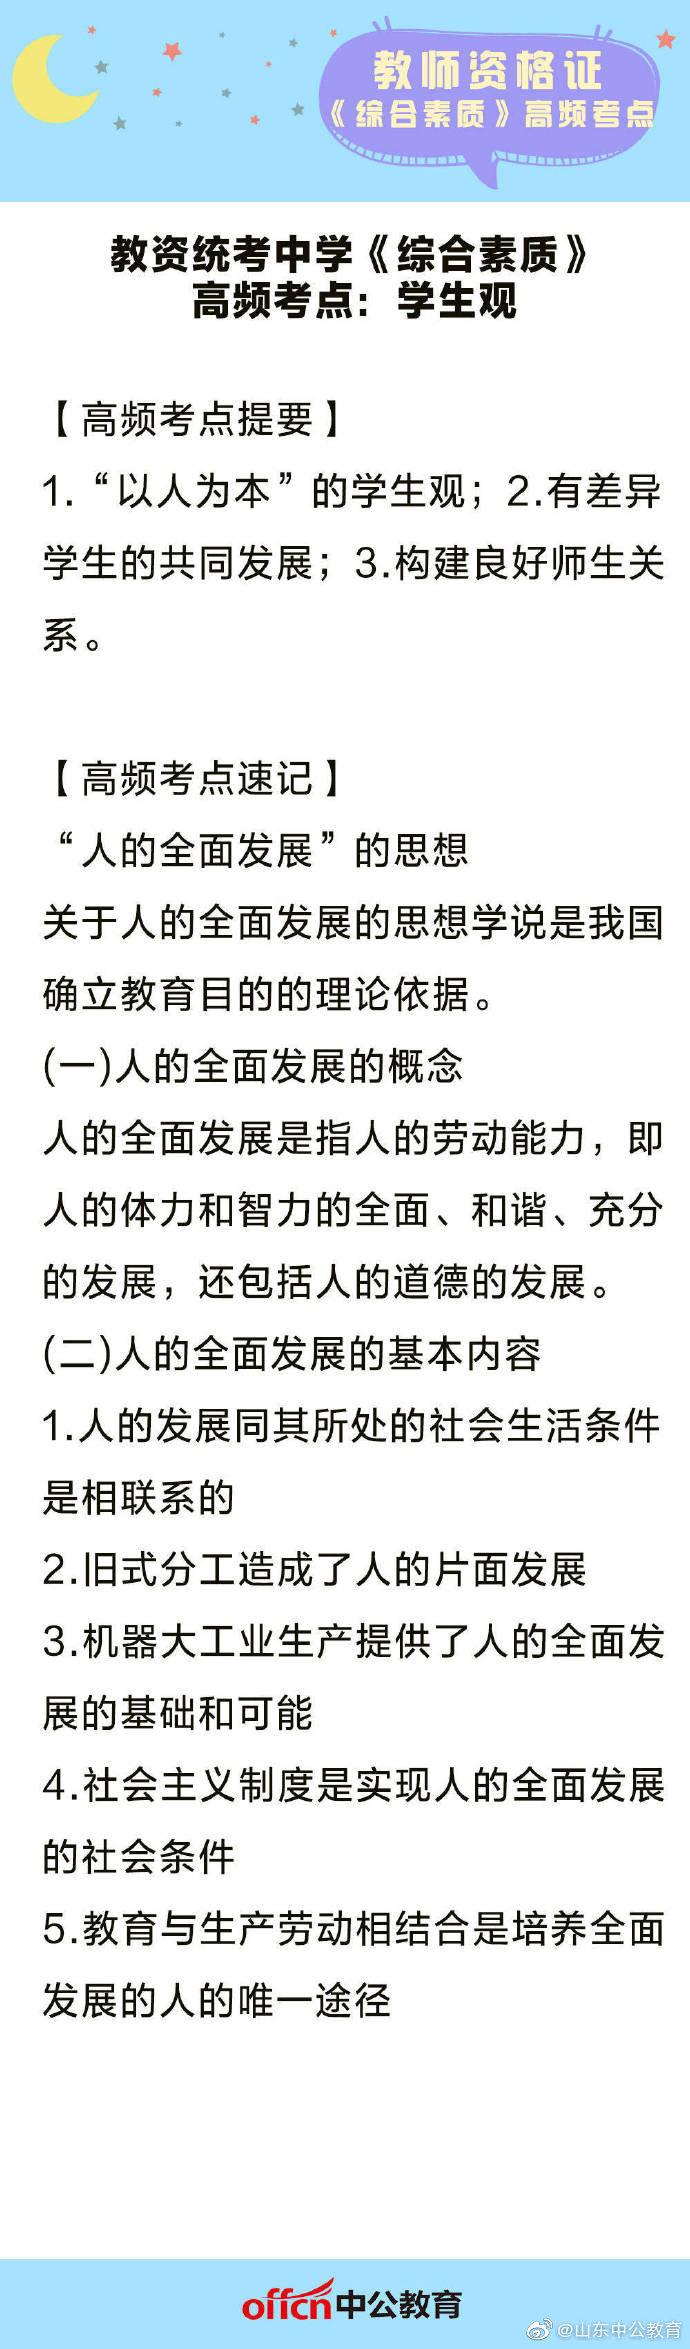 教资统考中学《综合素质》高频考点!!!